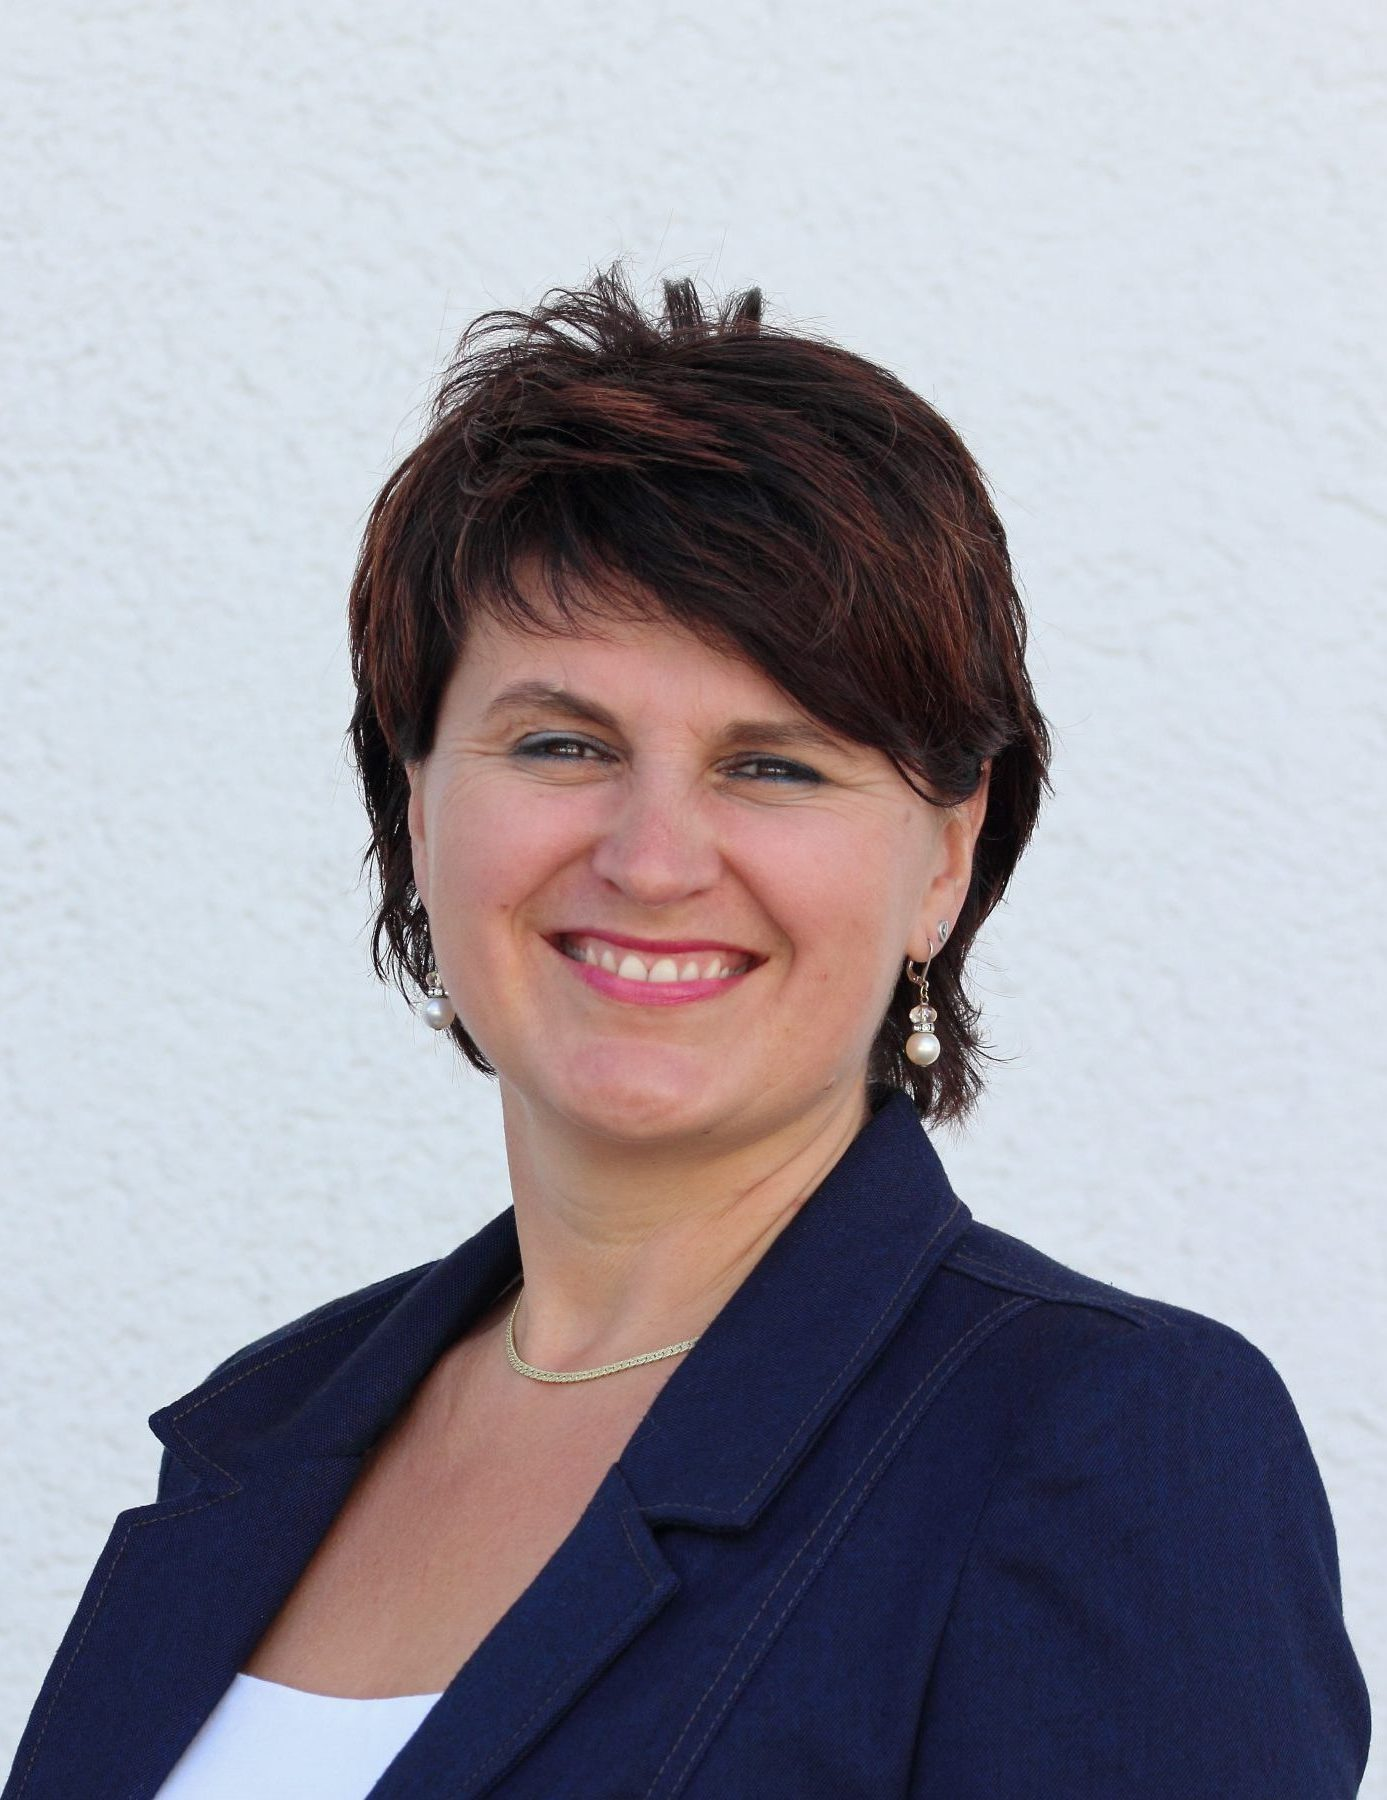 Jeanette Schweizer-Rohr